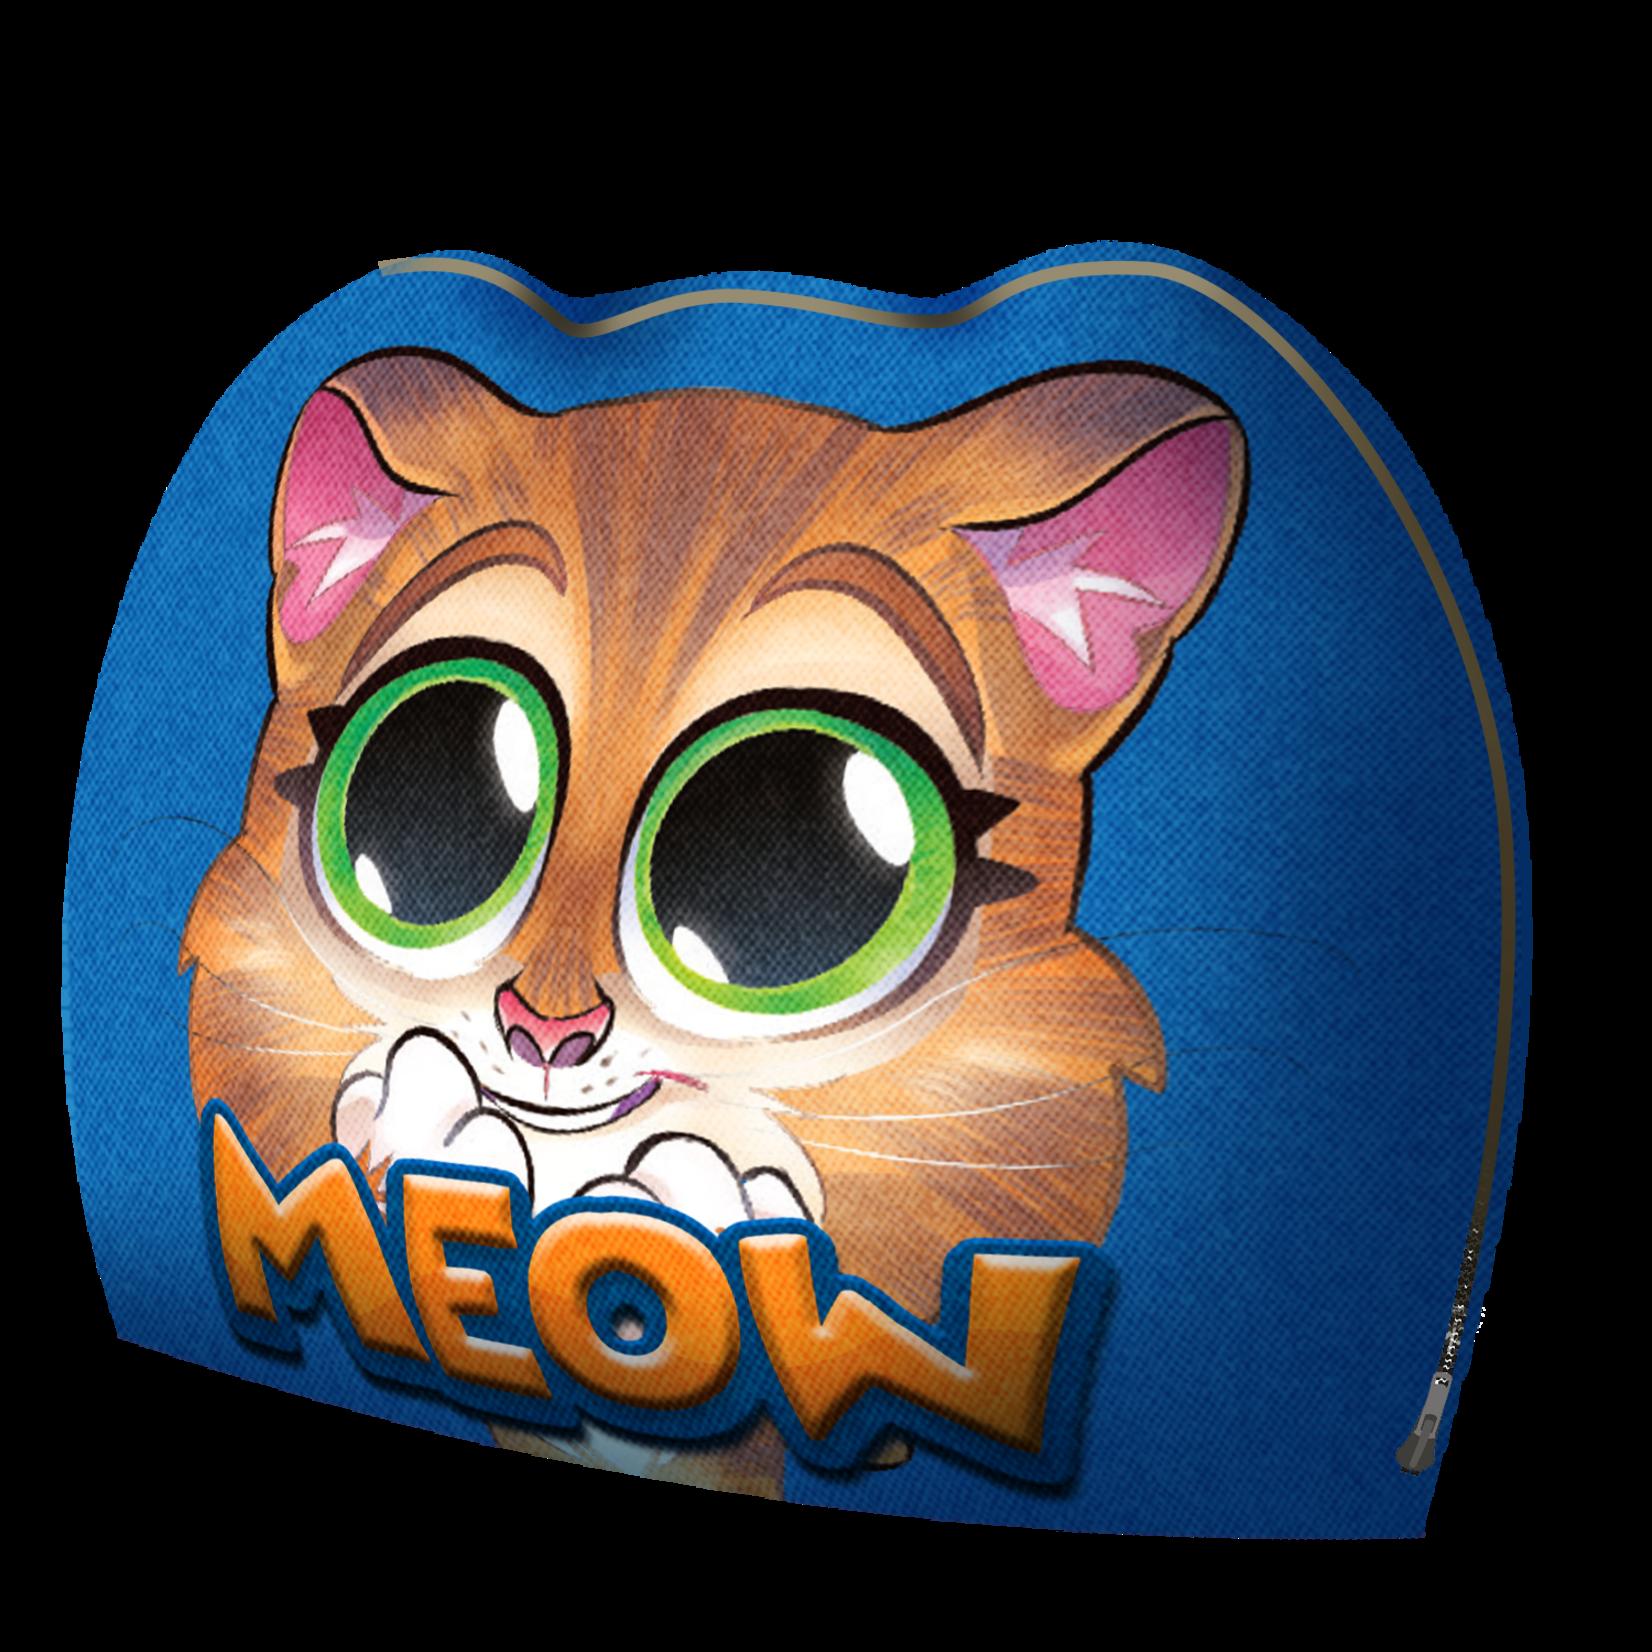 Cranio Creations Meow